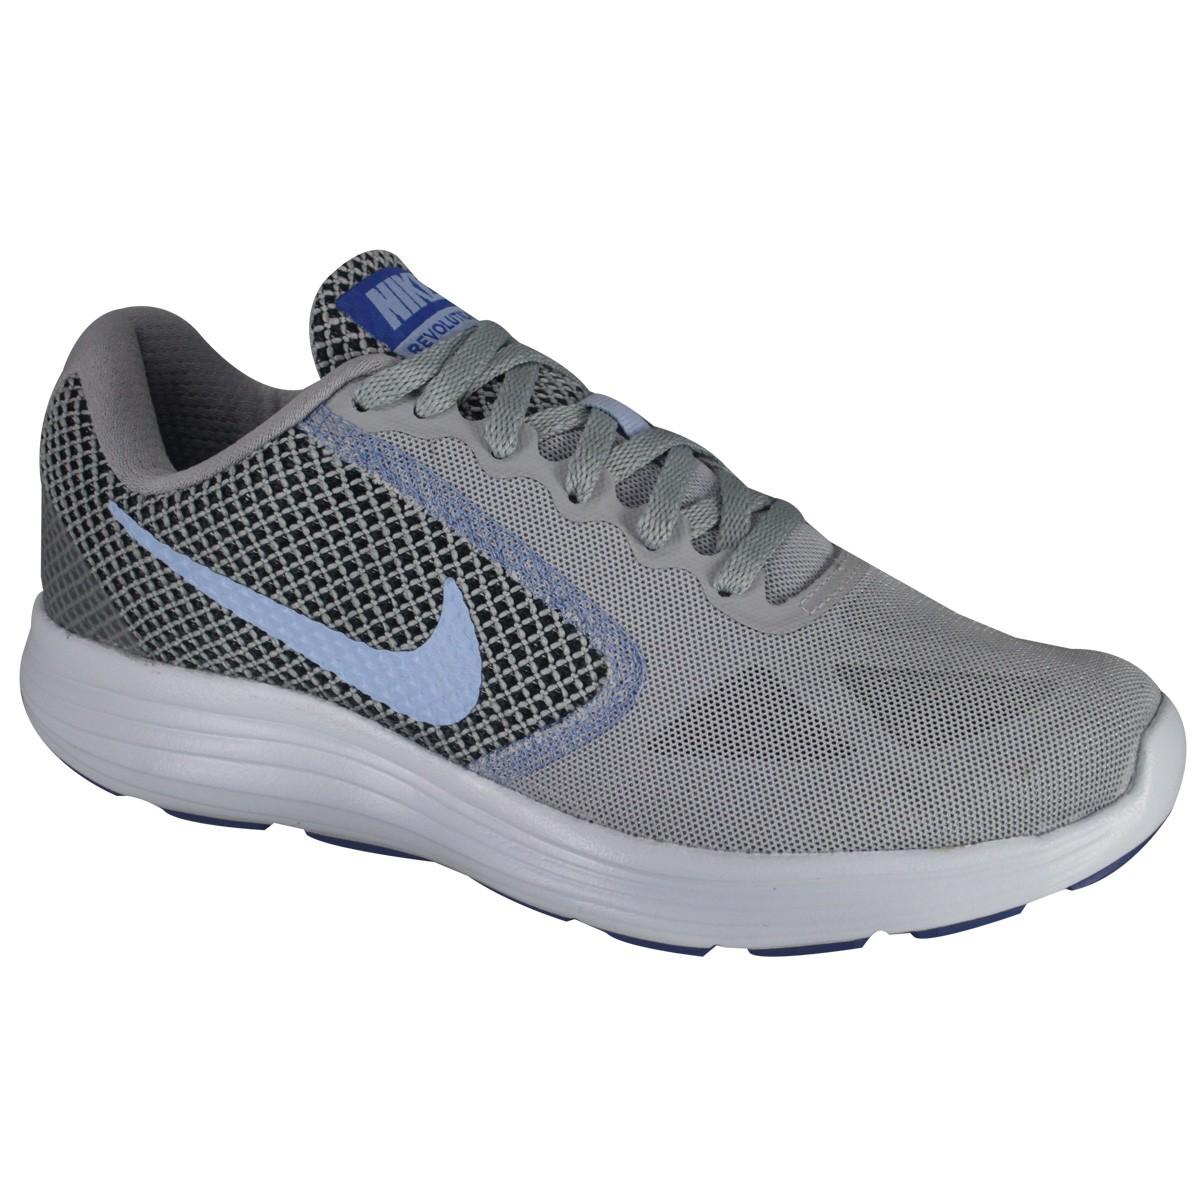 Tênis Nike Revolution 3 Feminino Feminino Feminino 819303 014 Cinza/Roxo Calçados 7e03a5